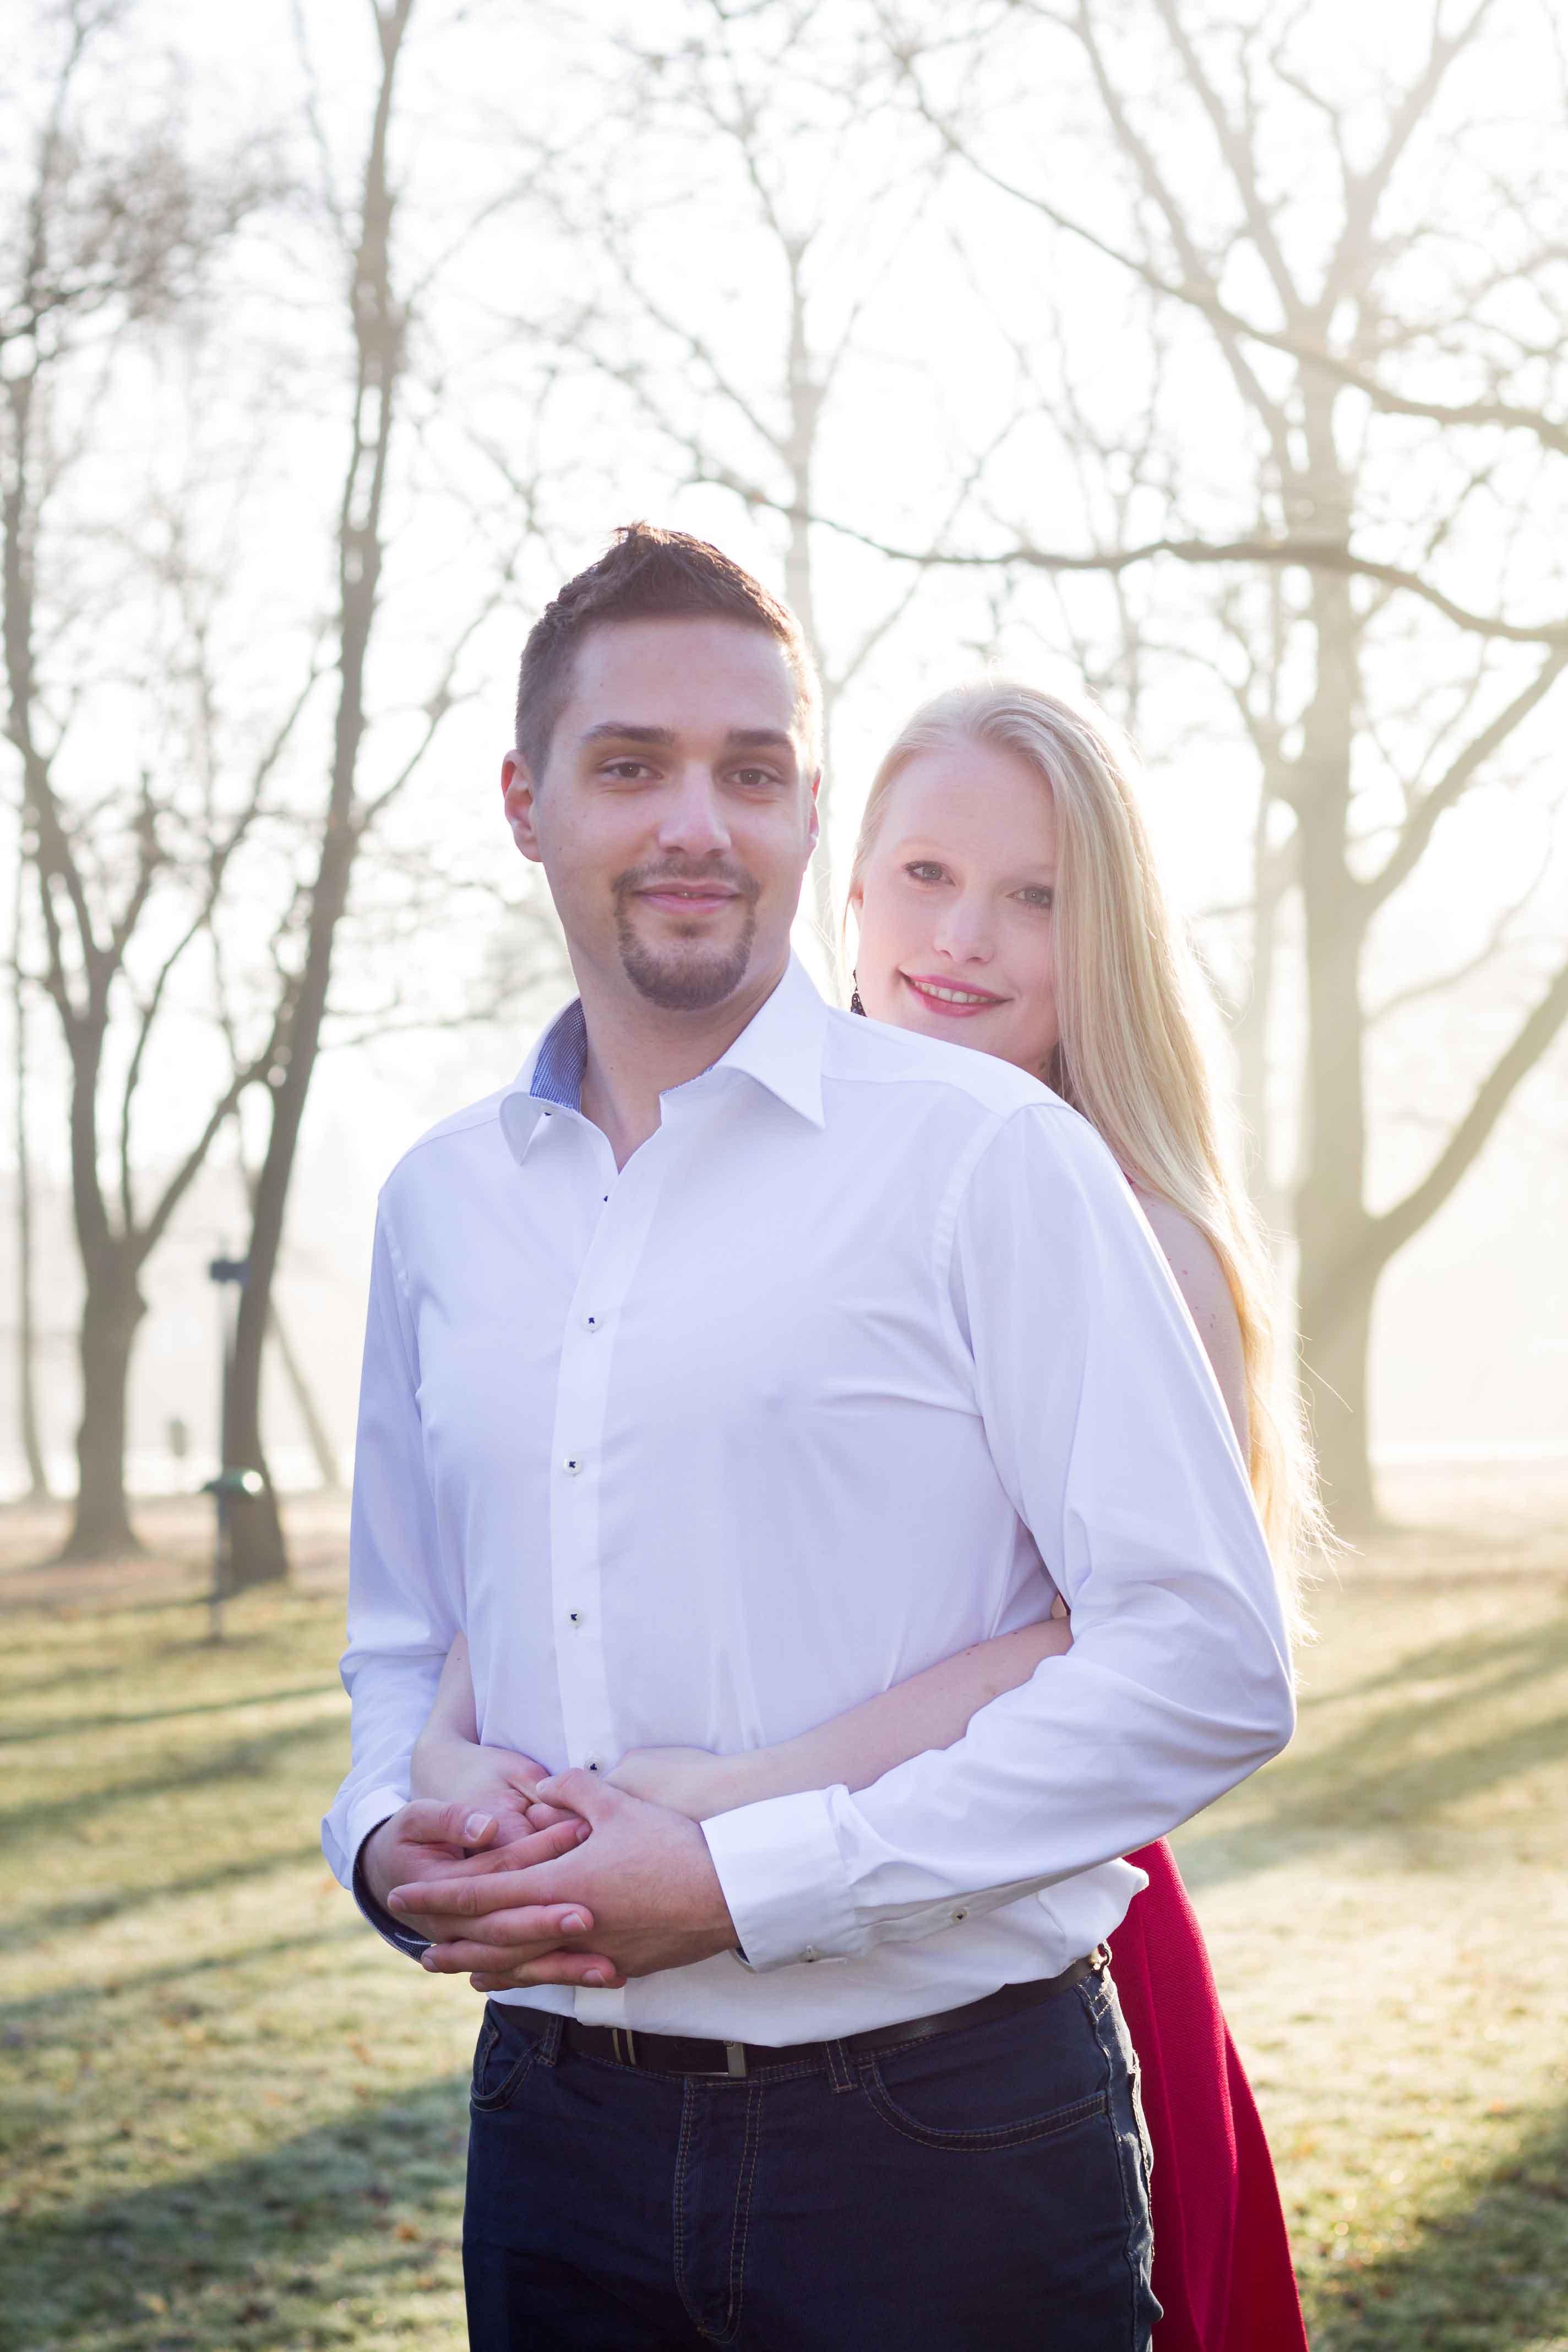 Hochzeit und Paare IMG 1314w